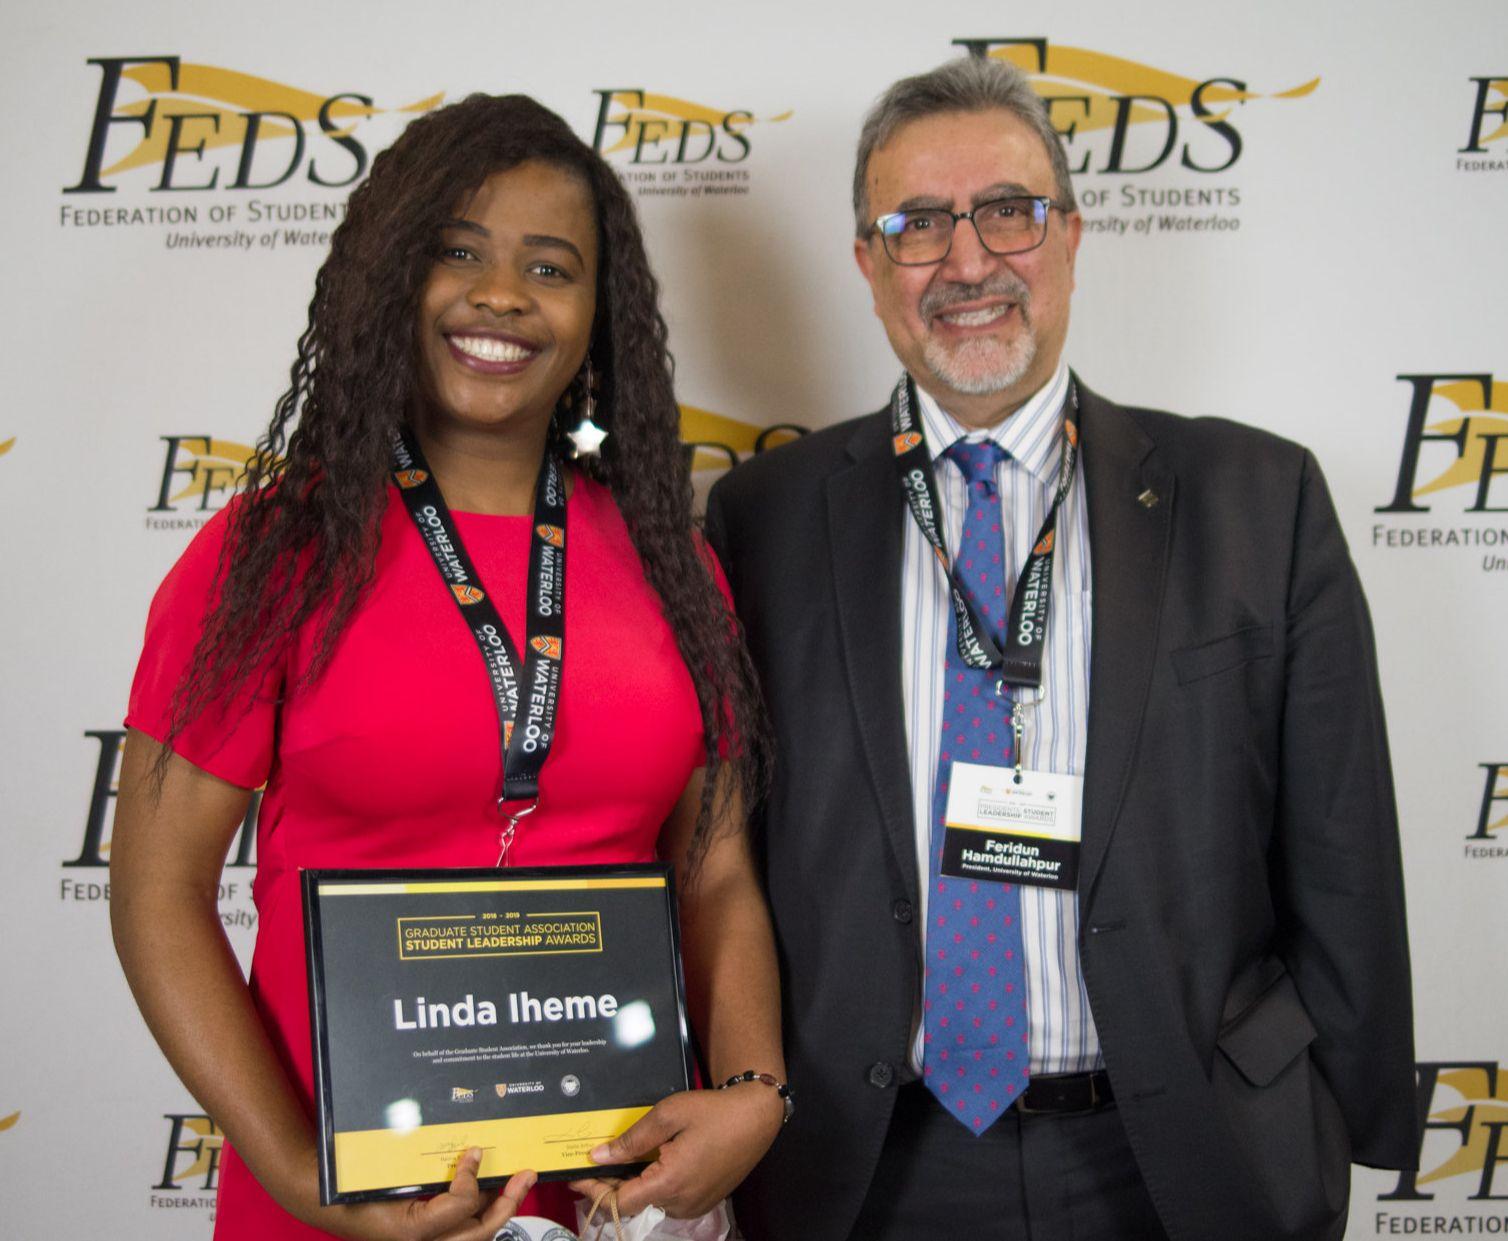 Linda Iheme with Waterloo president